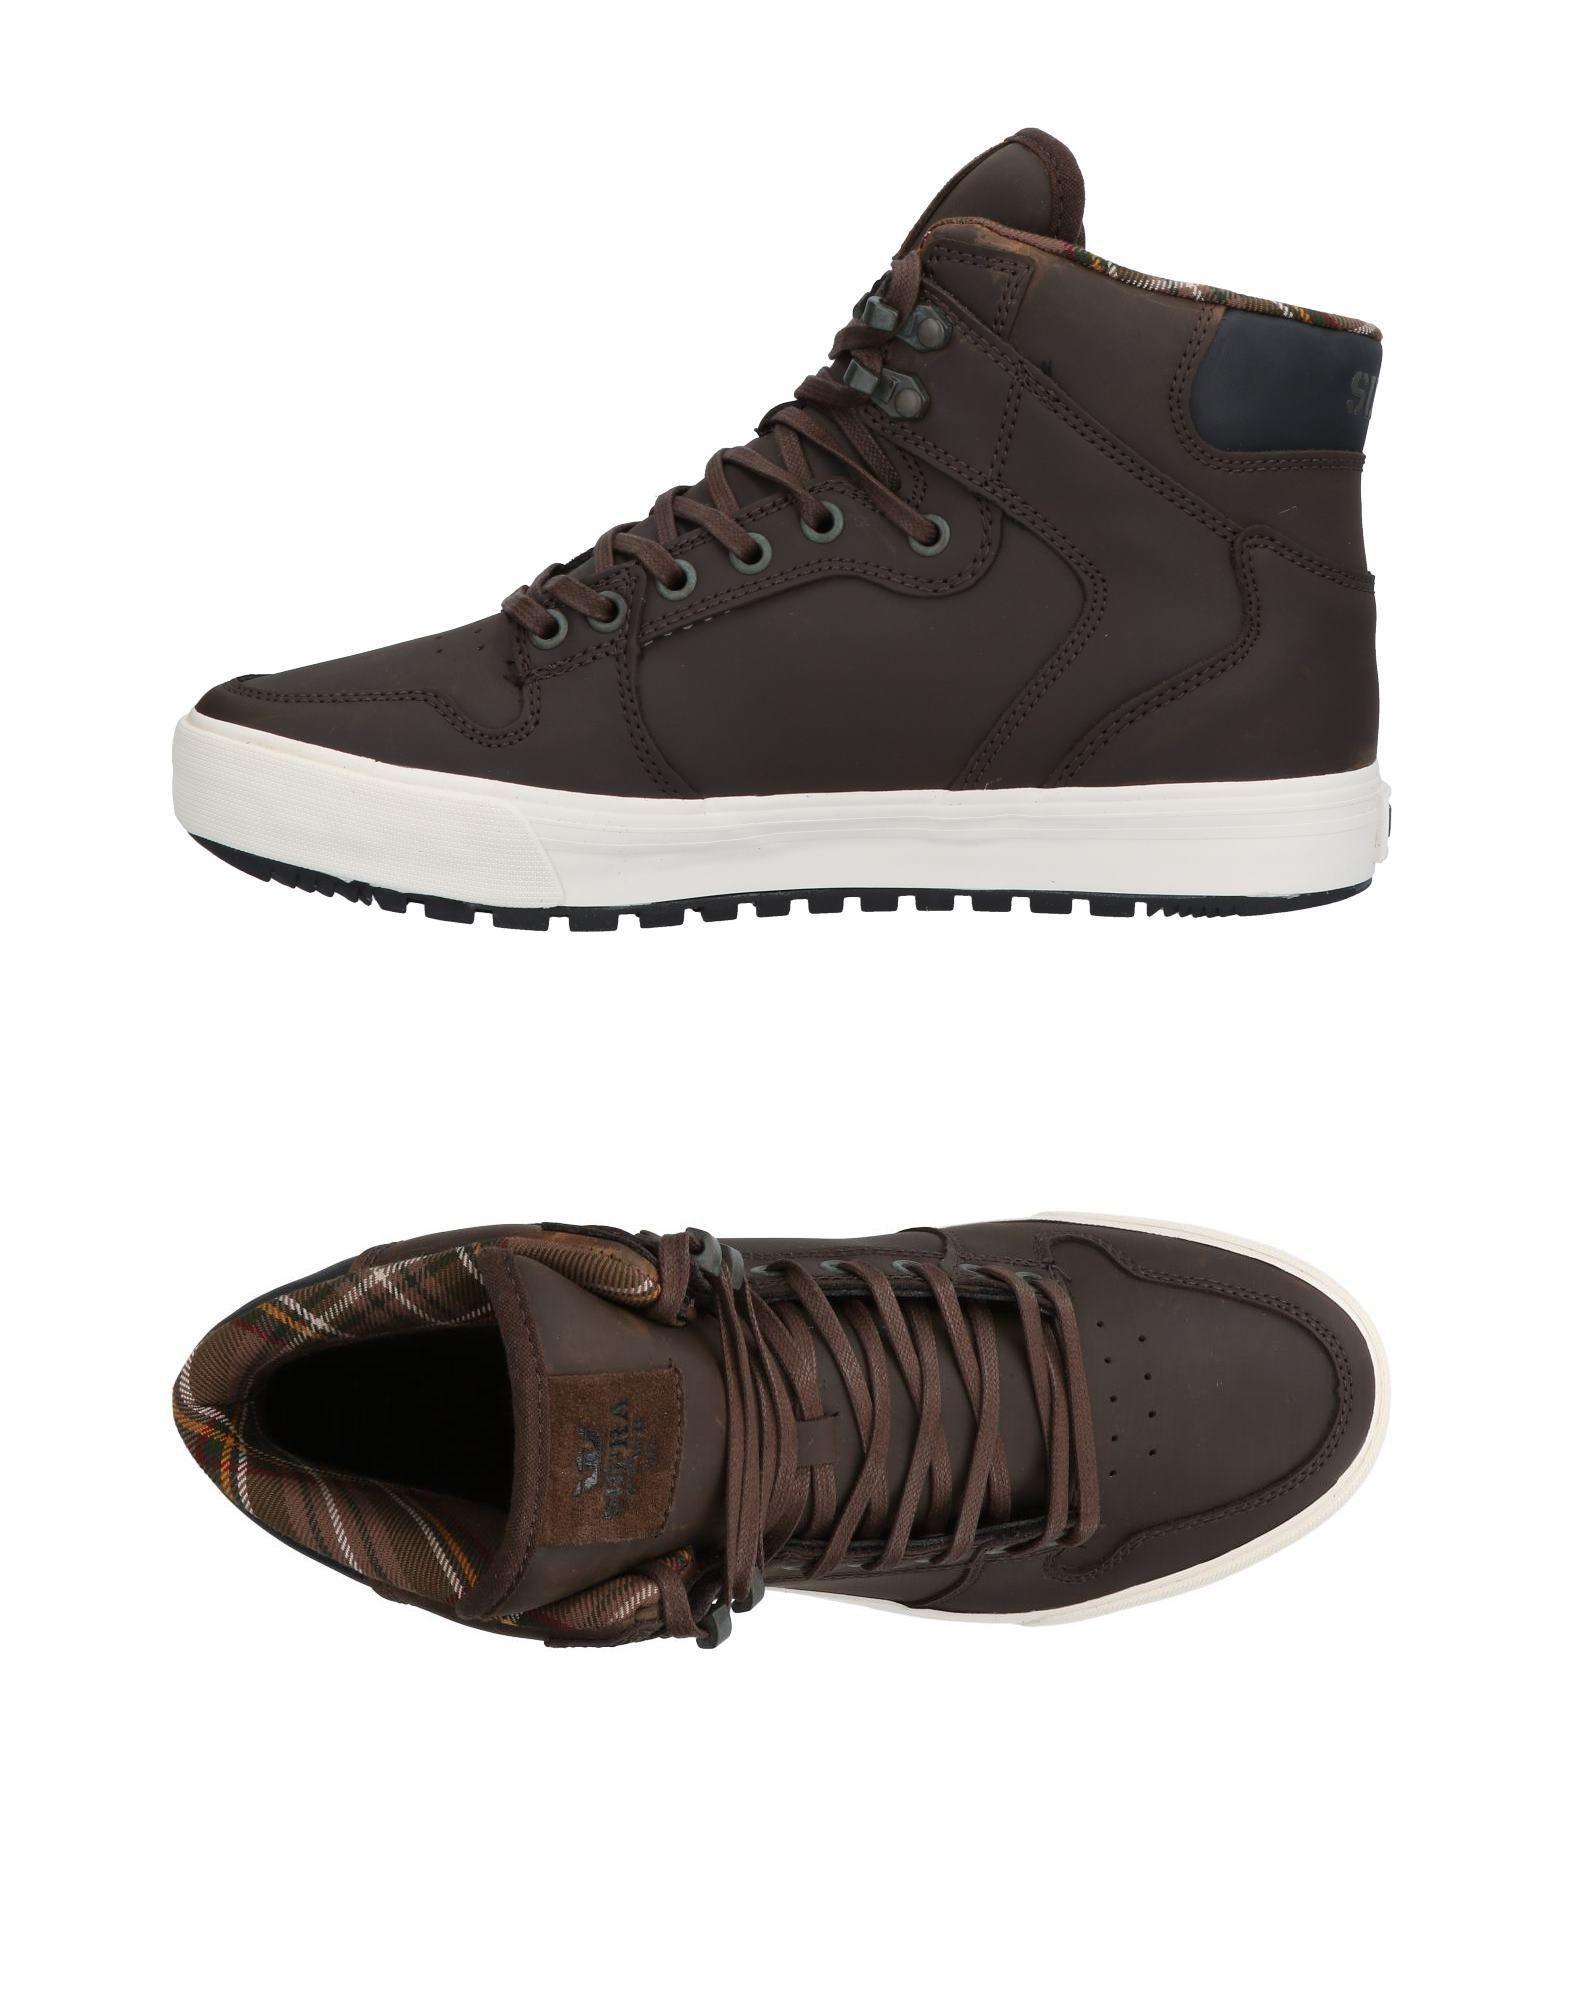 b9d3b71d4ab6 Supra High-tops   Sneakers in Brown for Men - Lyst